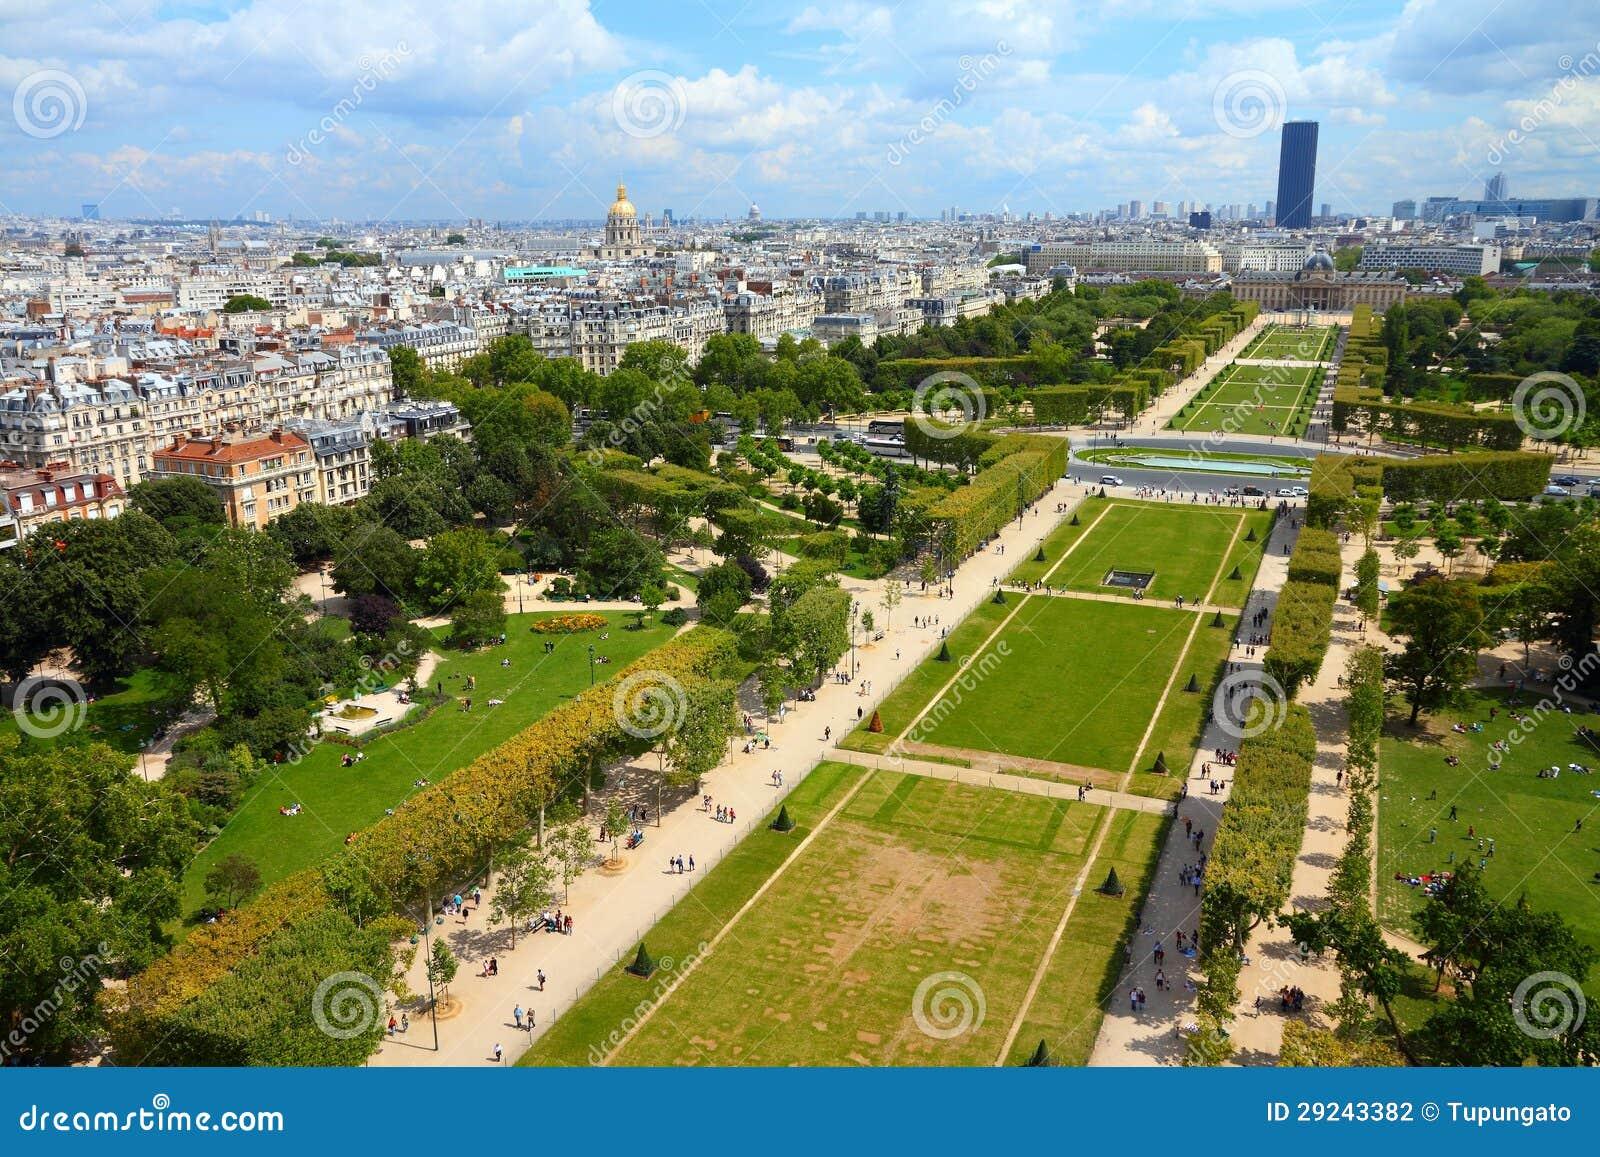 Download Paris foto de stock. Imagem de monumento, europeu, velho - 29243382